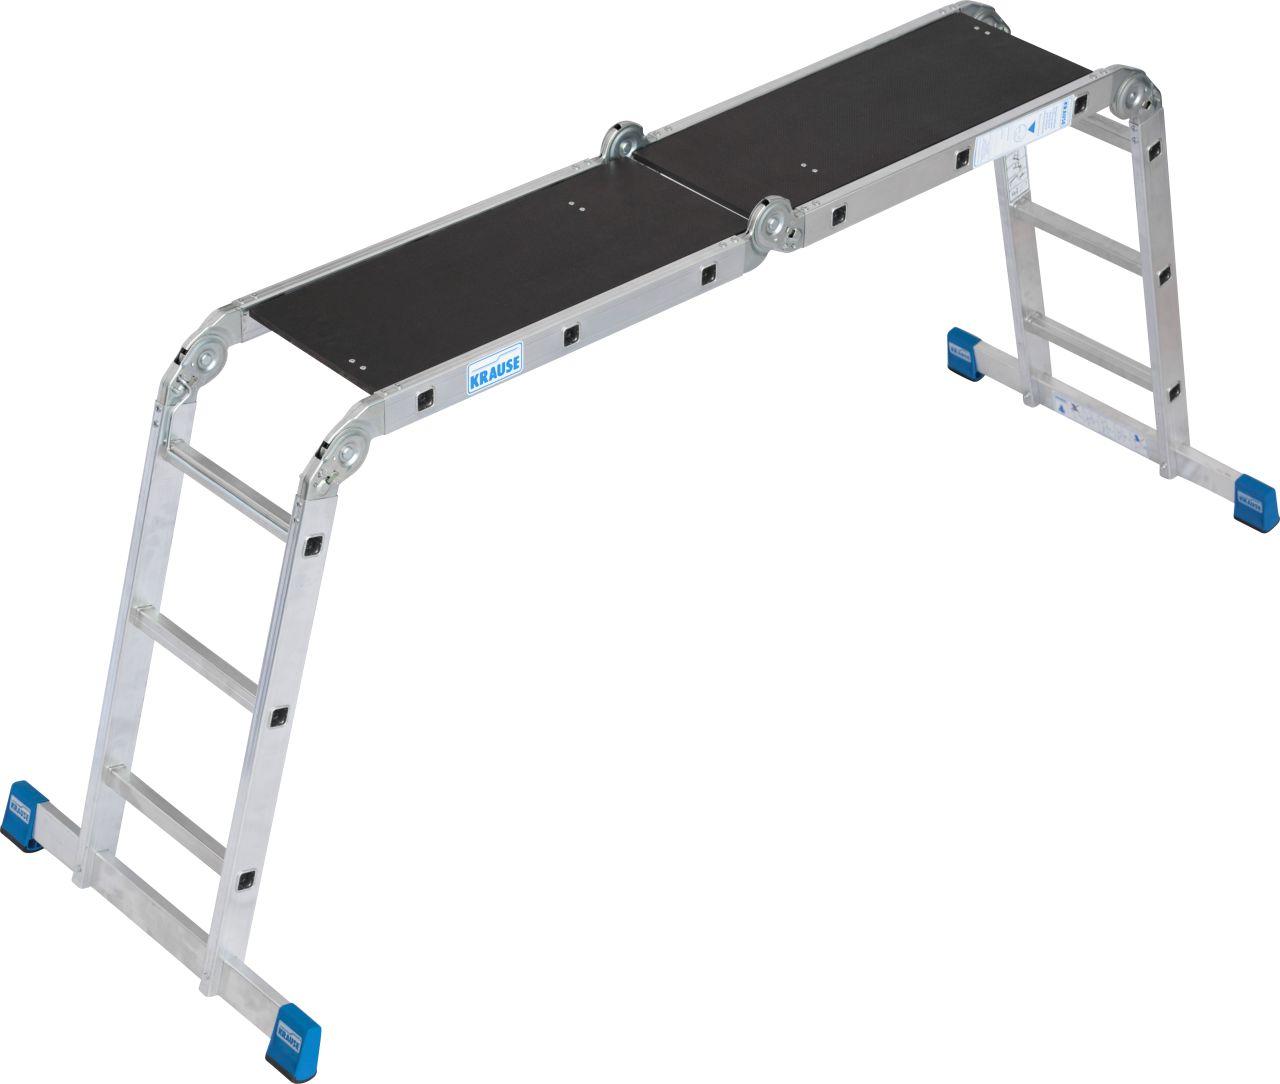 Sprossen-Gelenk-Universalleiter. Universelle Aluminium-Gelenkleiter einsetzbar als Anlegeleiter und Stehleiter